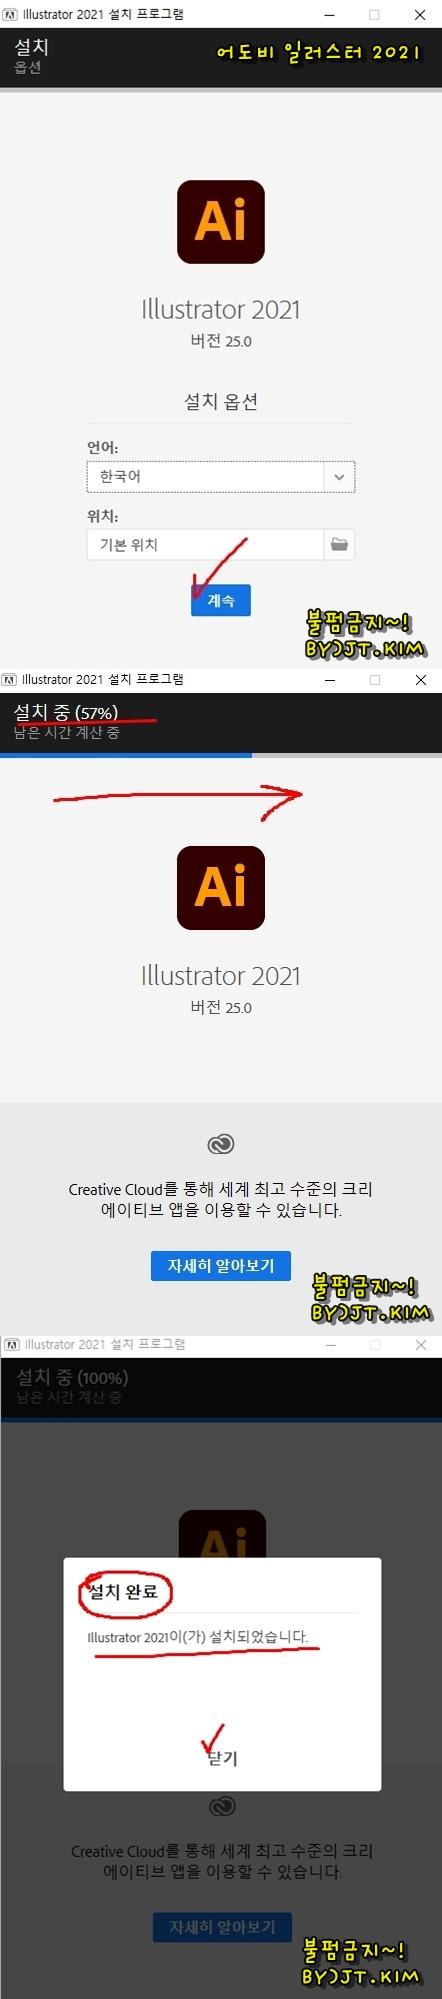 [최신] 어도비 일러스트레이터 2021.64비트. 한글판 정품. 자동인증